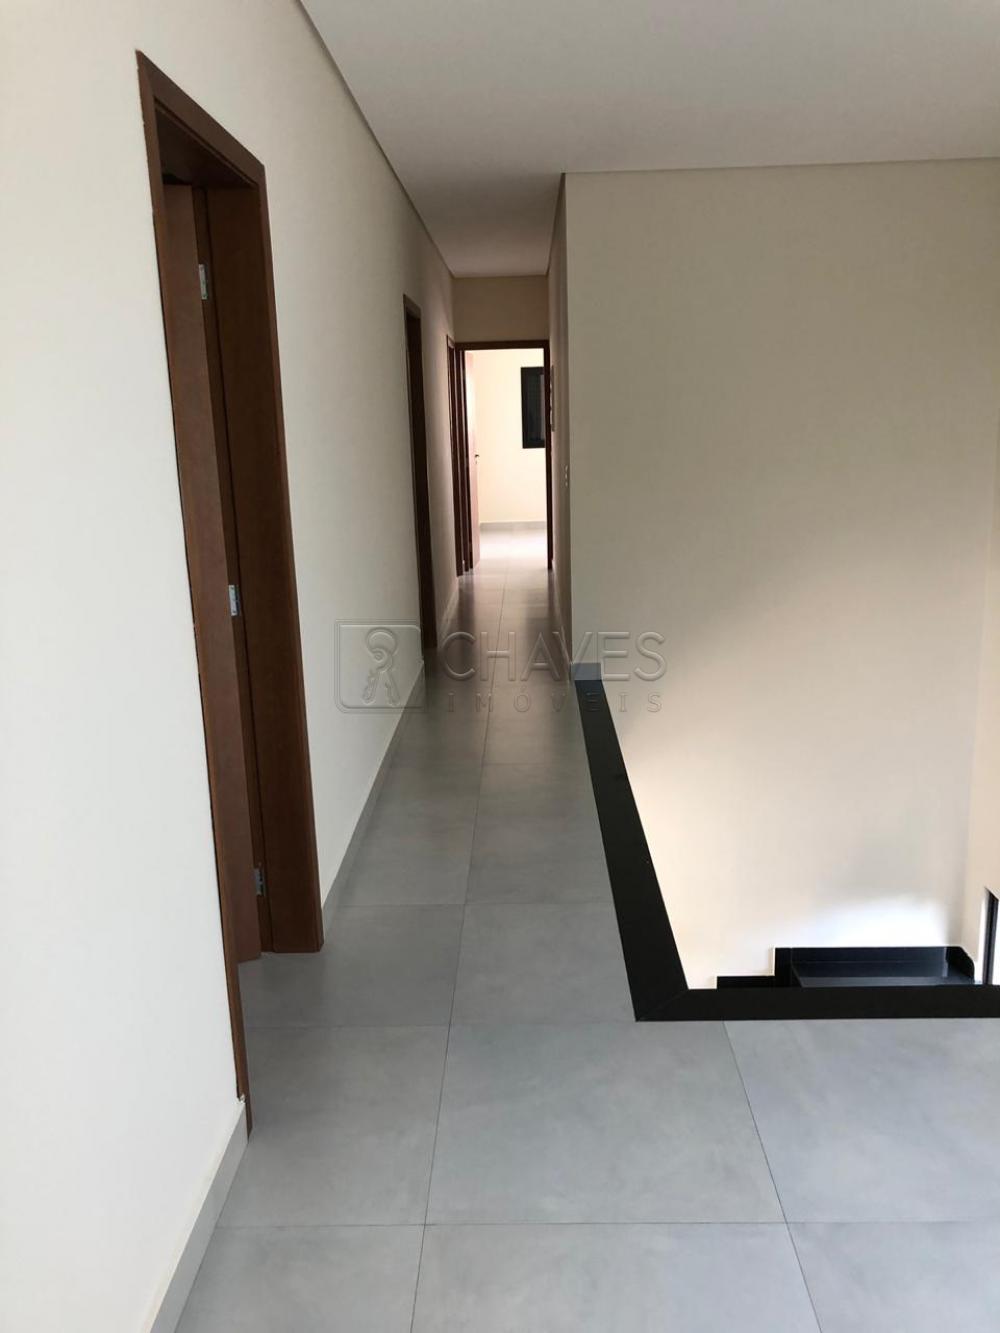 Comprar Casa / Condomínio em Ribeirão Preto apenas R$ 880.000,00 - Foto 12